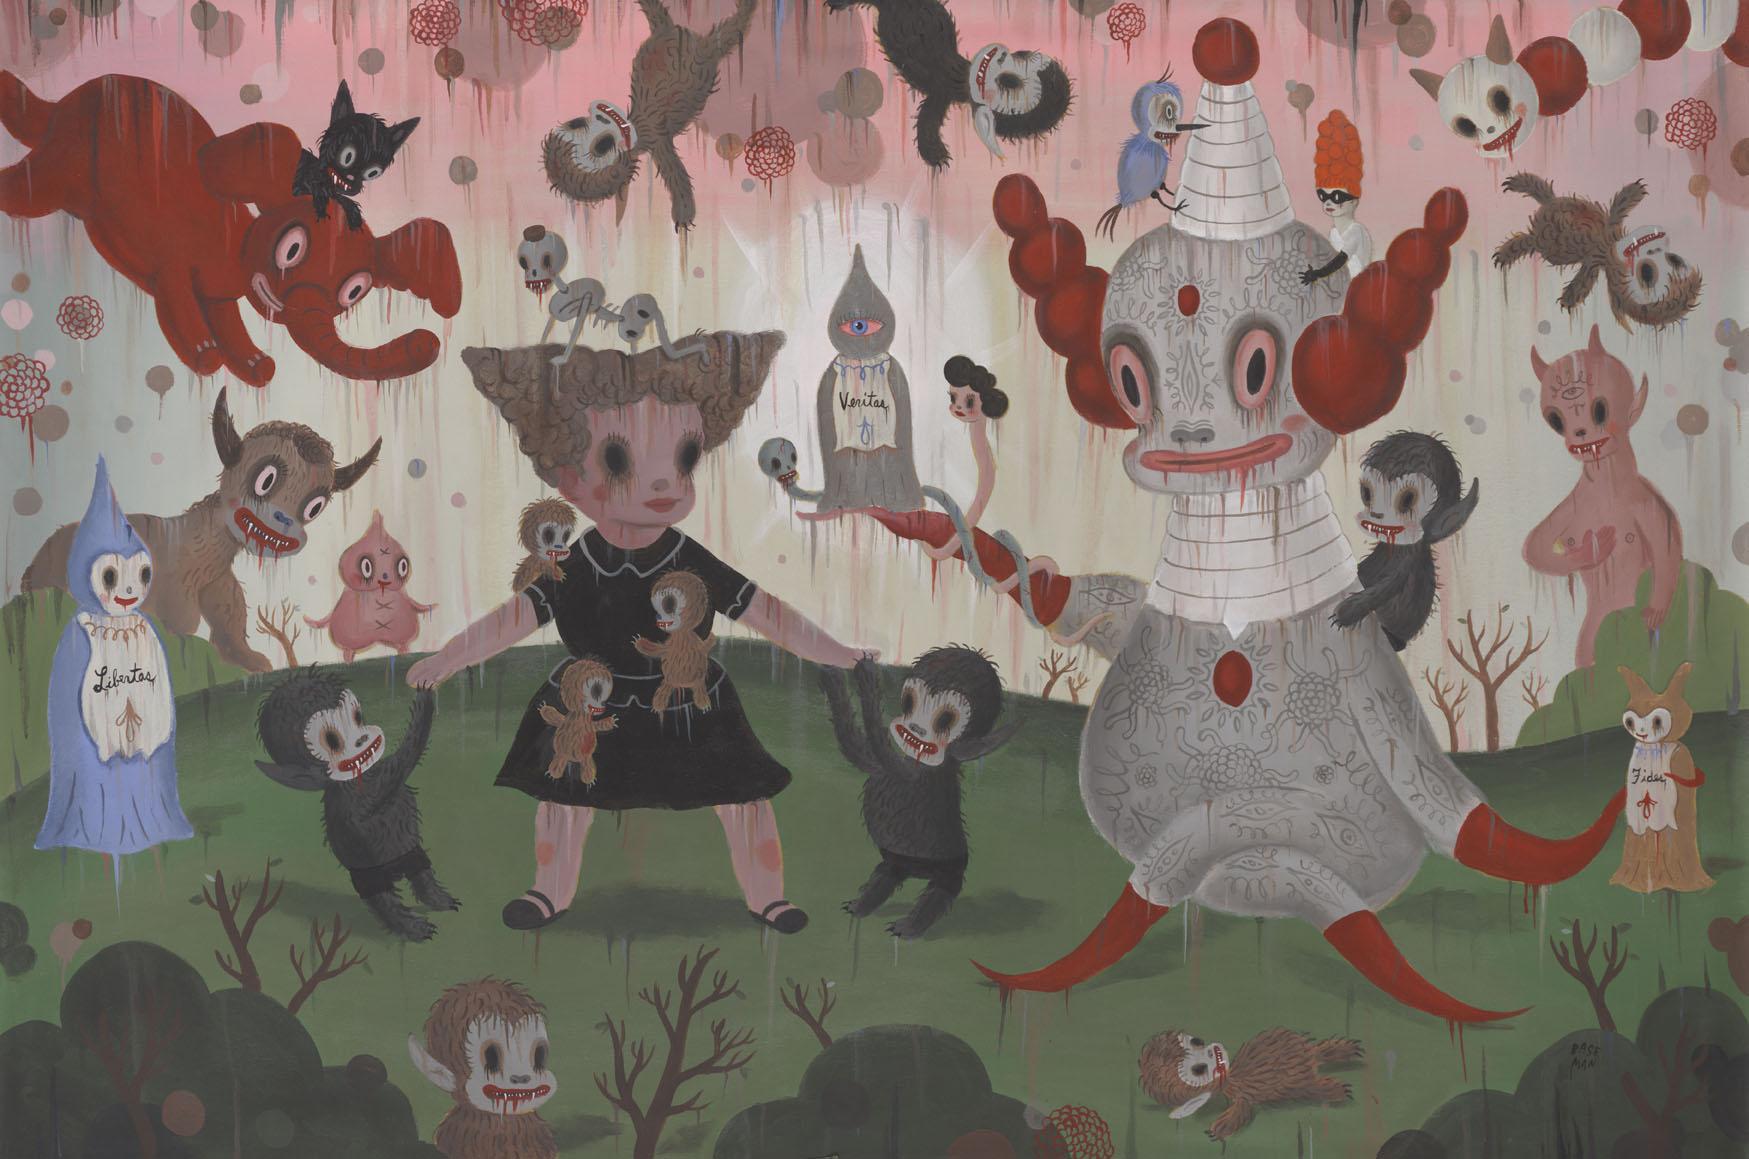 G.Baseman-2012-Birth-of-the-Domesticated-acrilico-su-tela-122-x-183-cm